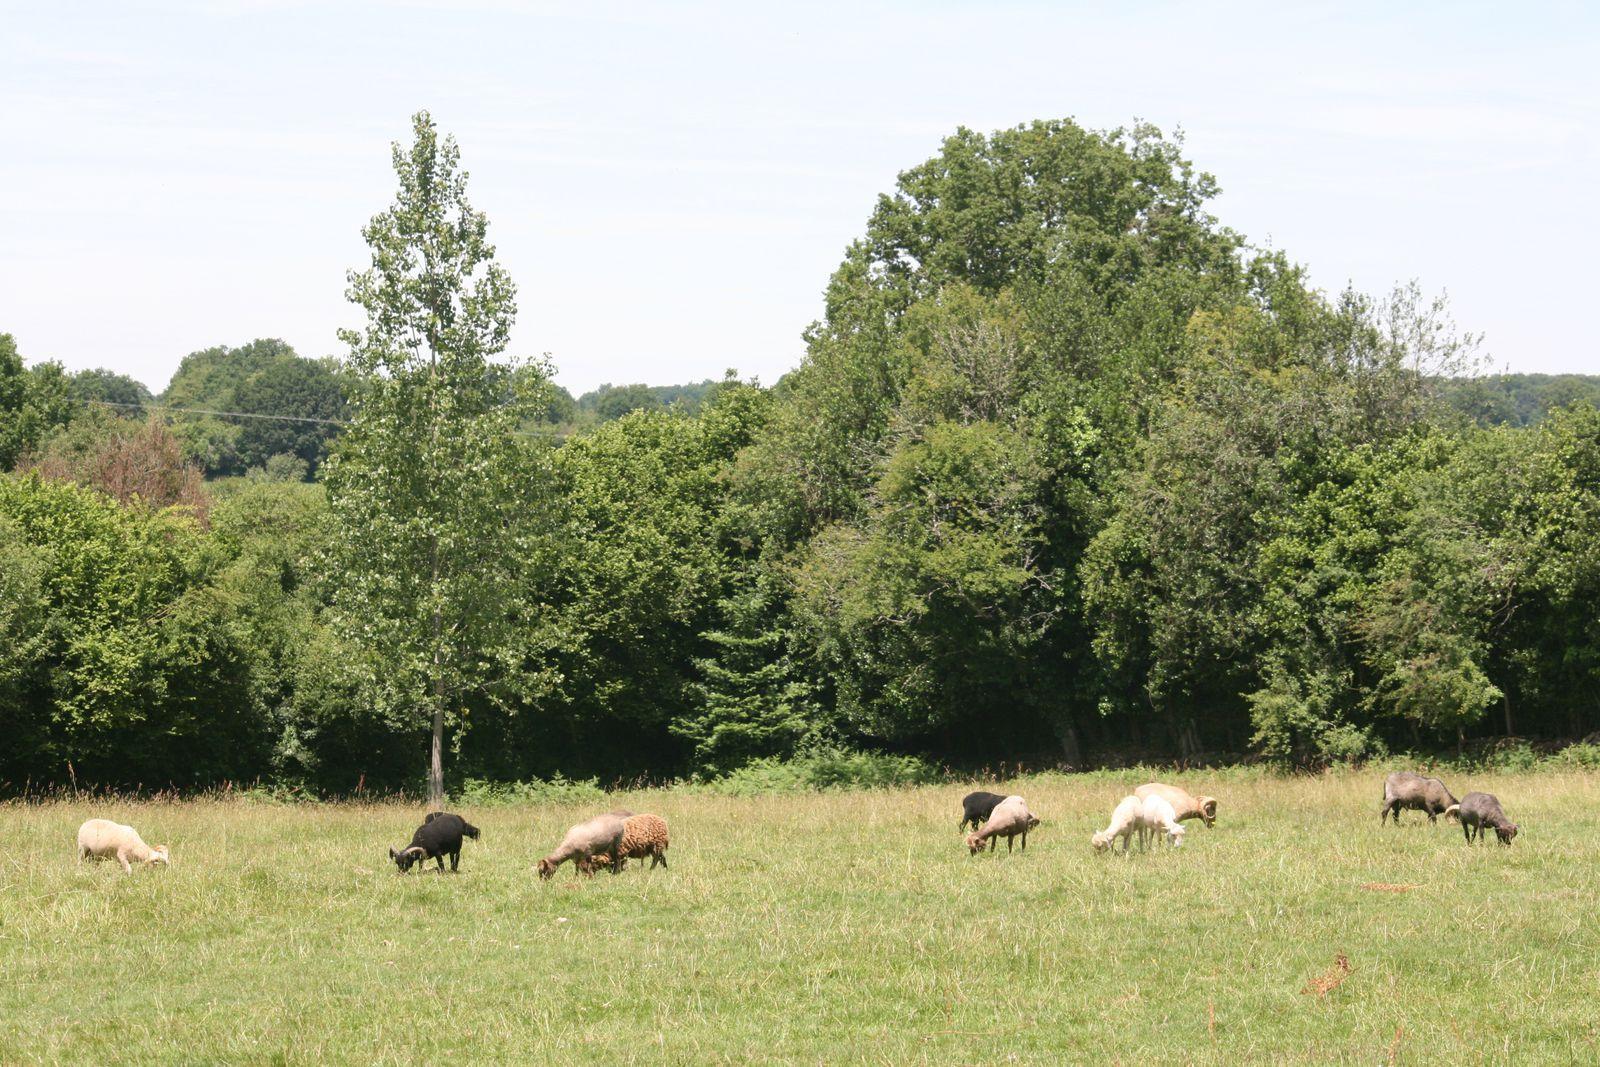 Le rappel de vaccination des agneaux est fait depuis deux jours, l'été peut être savouré pleinement.